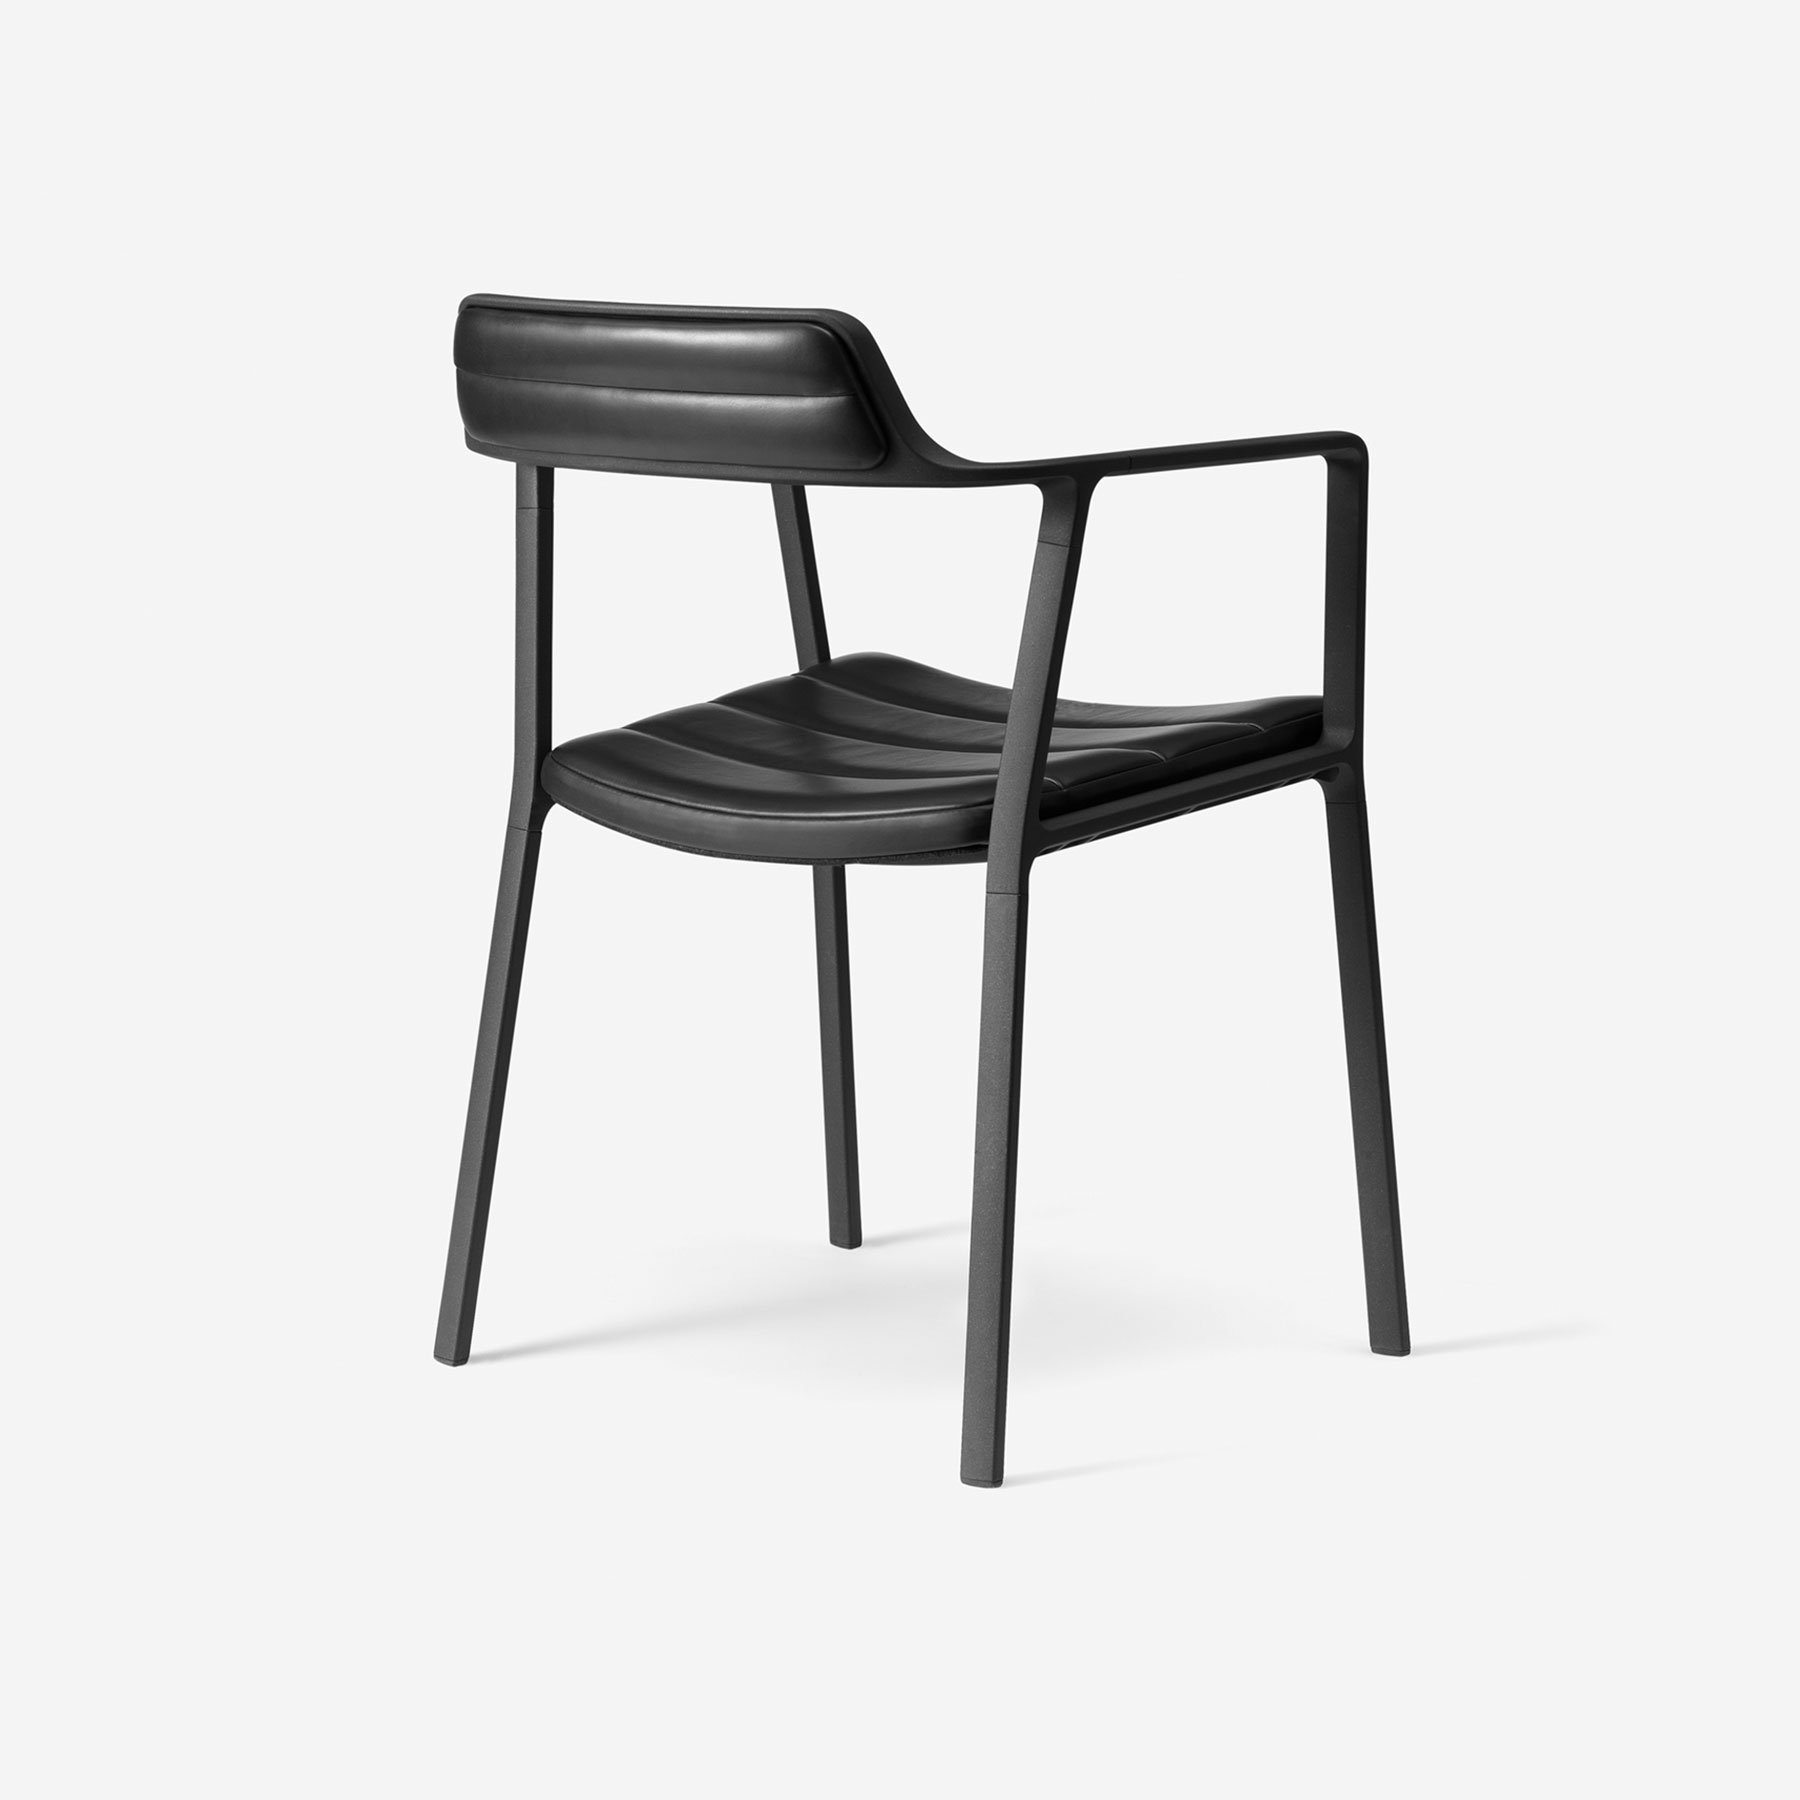 Vipp 451 Stuhl   Stühle, Tisch und stühle, Design